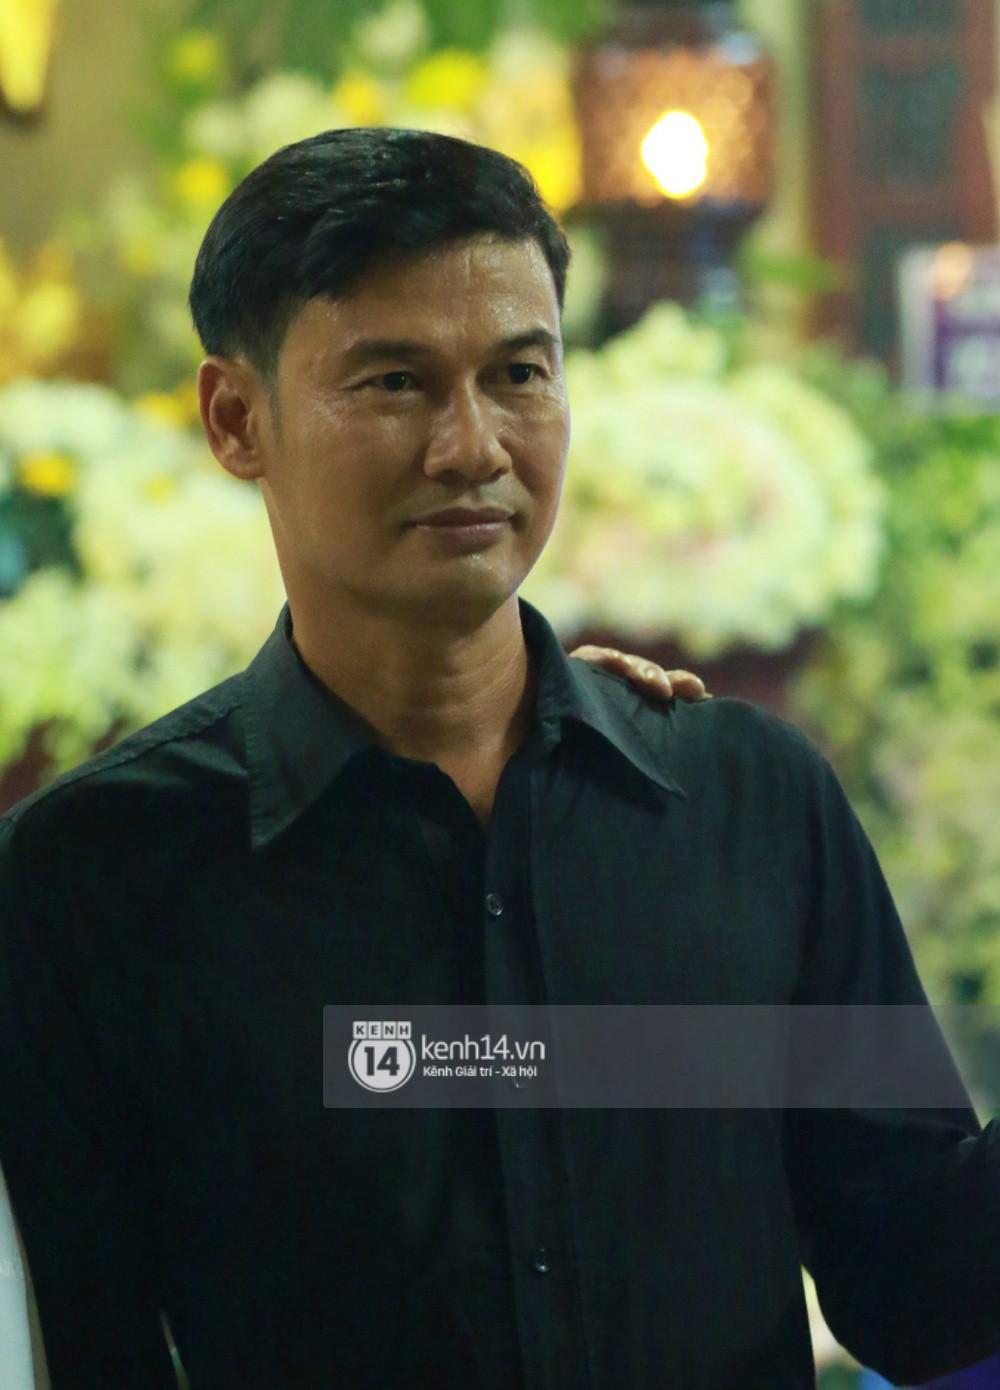 Đêm cuối cùng đám tang cố diễn viên Anh Vũ: Nghệ sĩ lặng người, không giấu được xúc động trước linh cữu-19